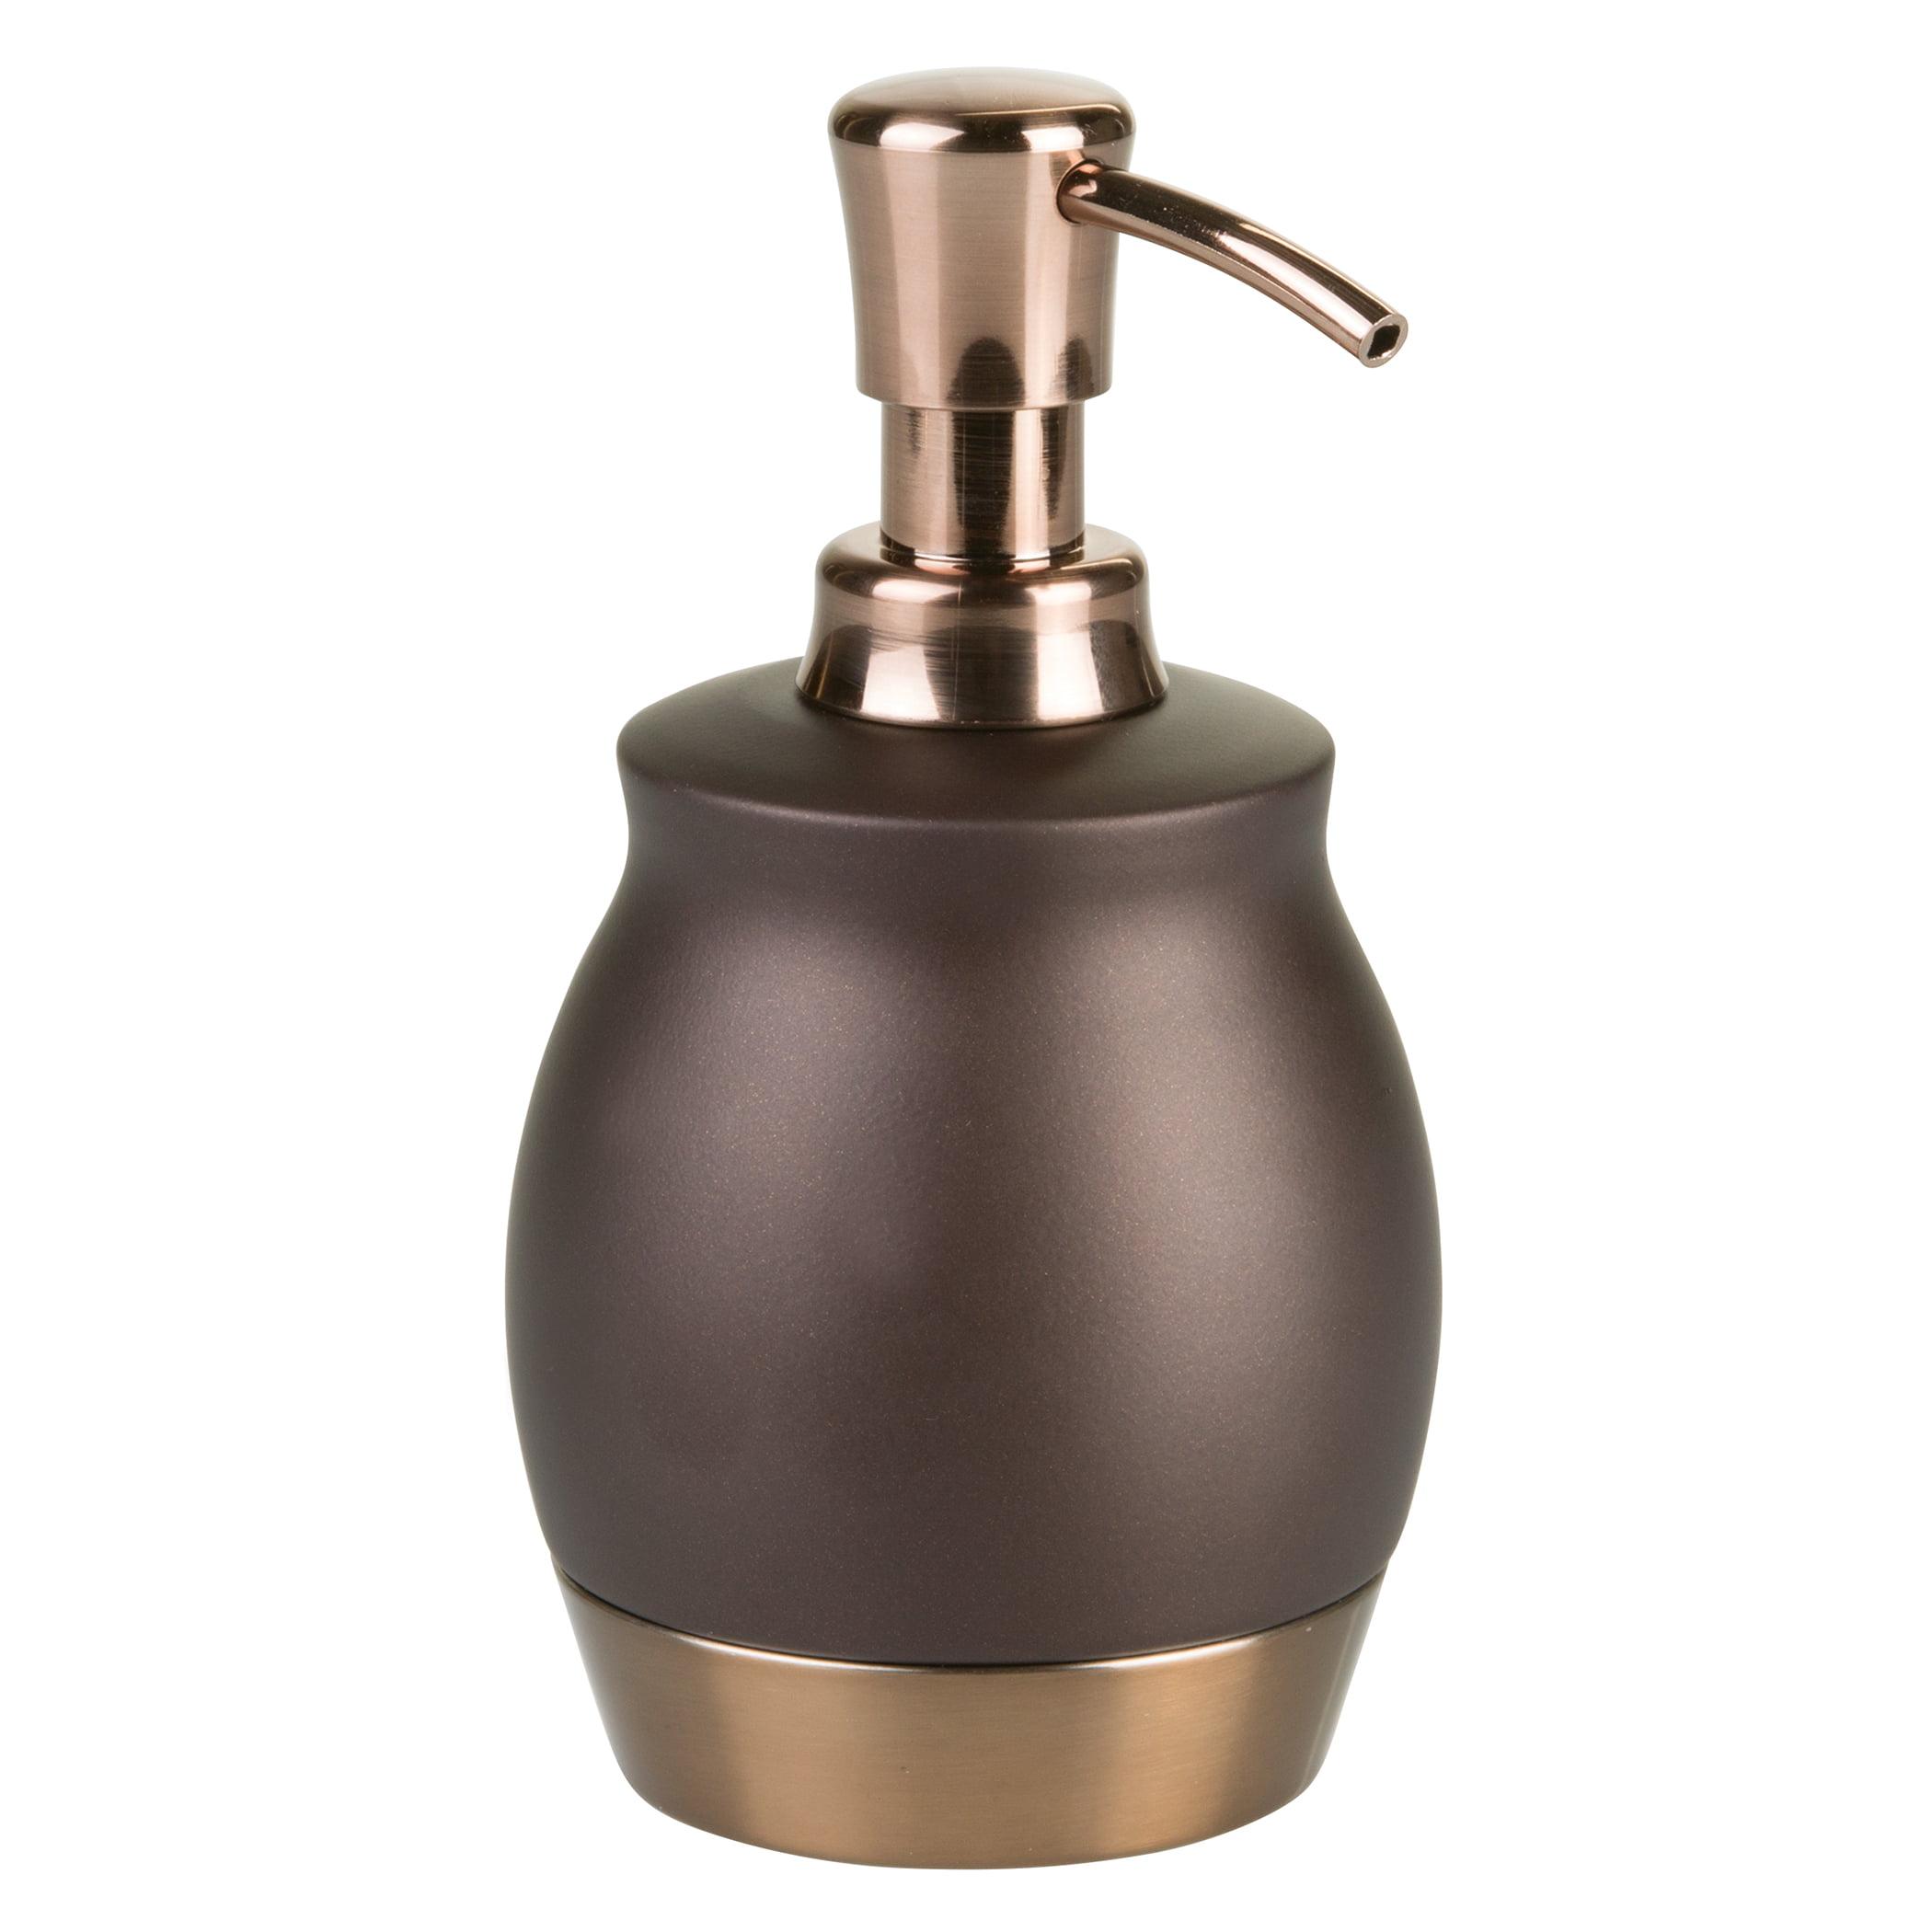 Better Homes And Gardens Soap Dispenser Pump Bronze